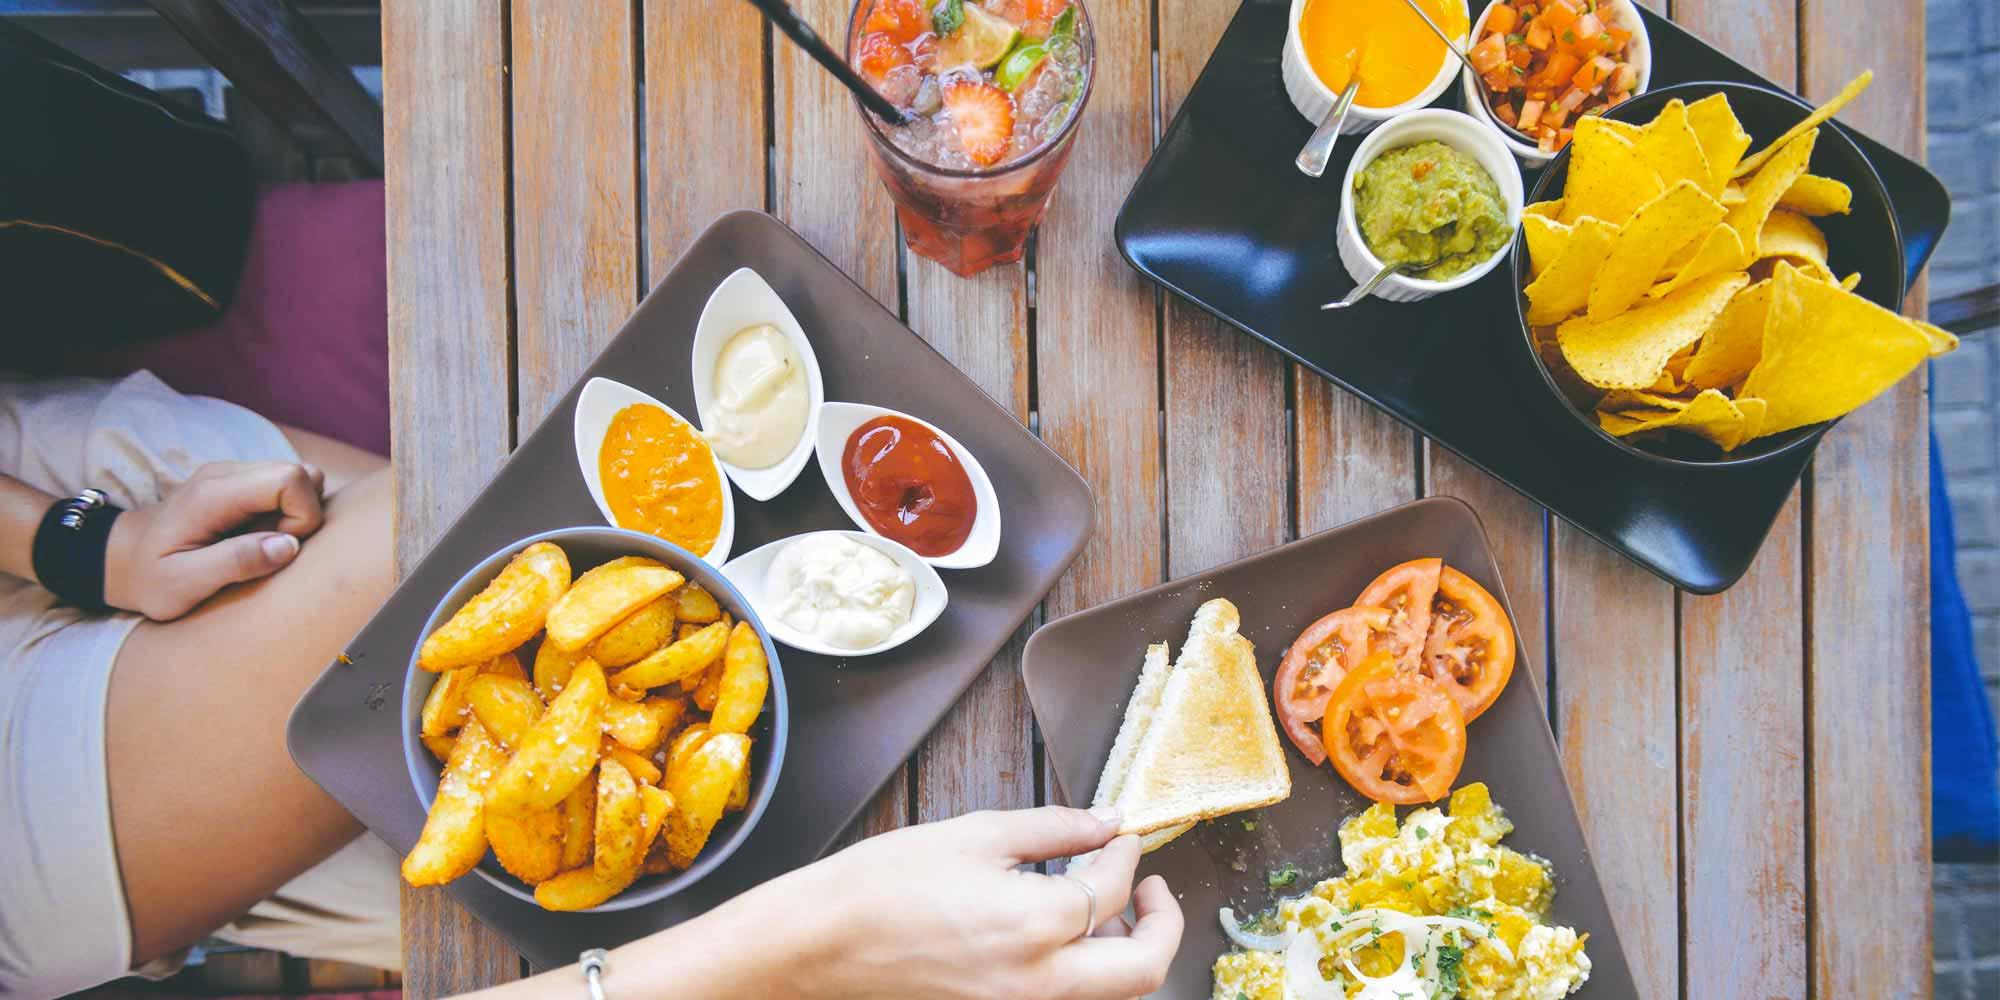 FINGER FOOD O NON-FINGER FOOD?